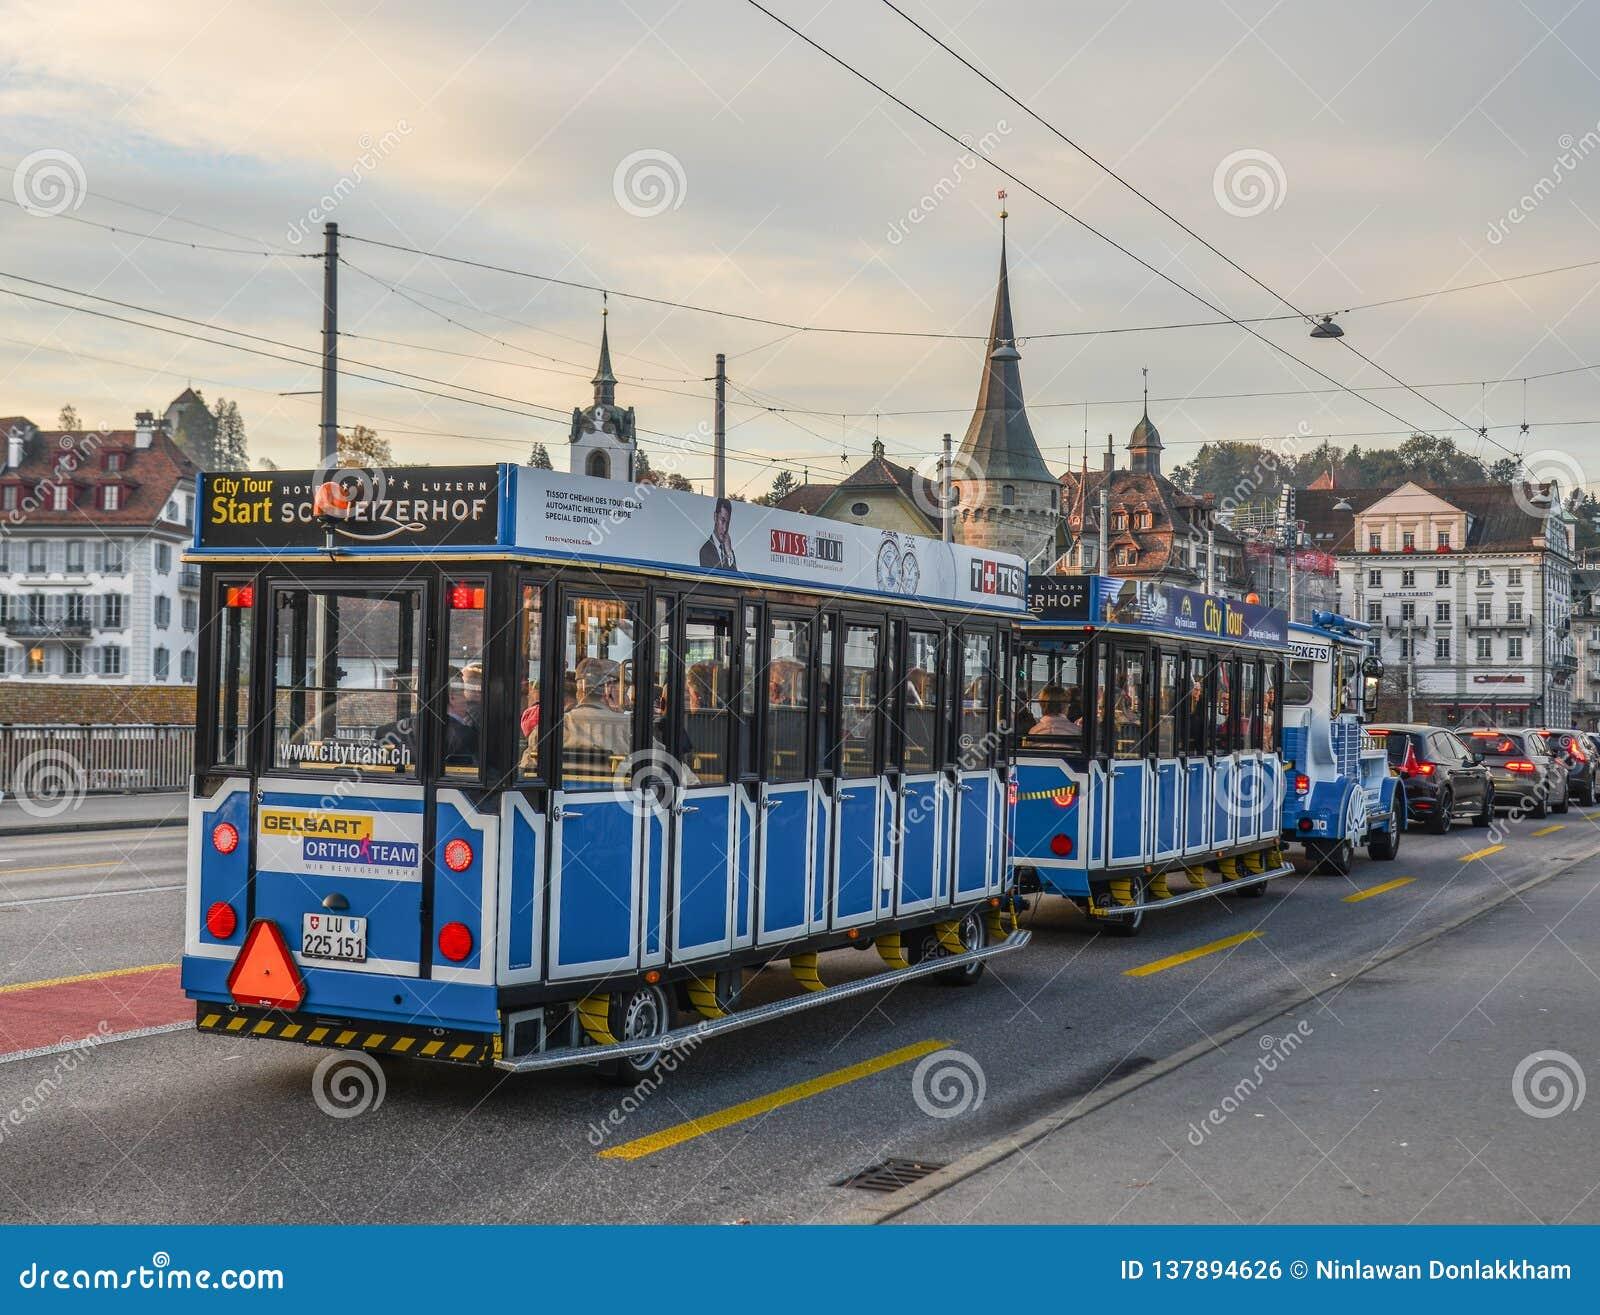 City Tour train in Lucerne, Switzerland